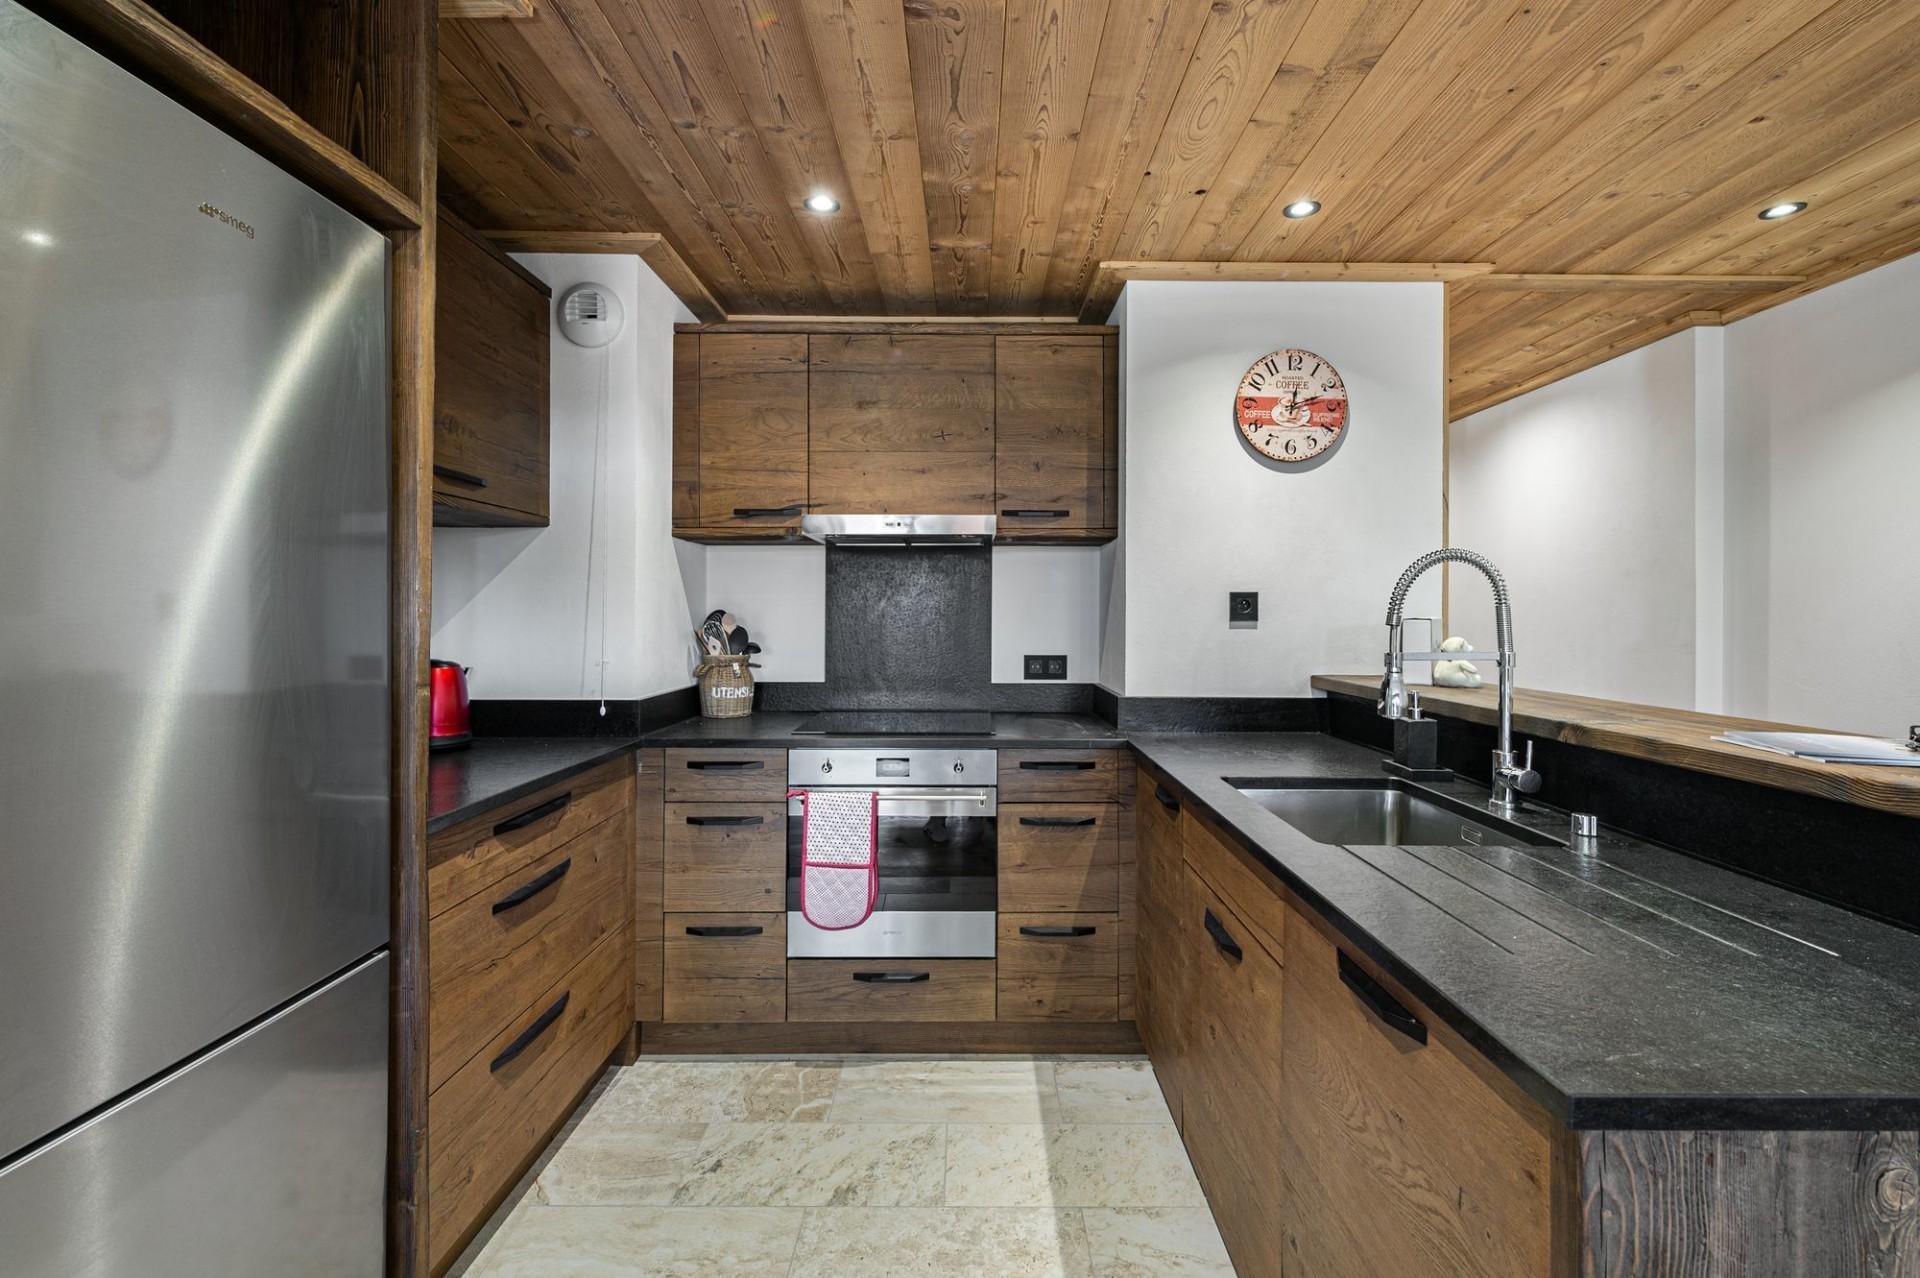 Courchevel 1300 Luxury Rental Appartment Tilite Kitchen